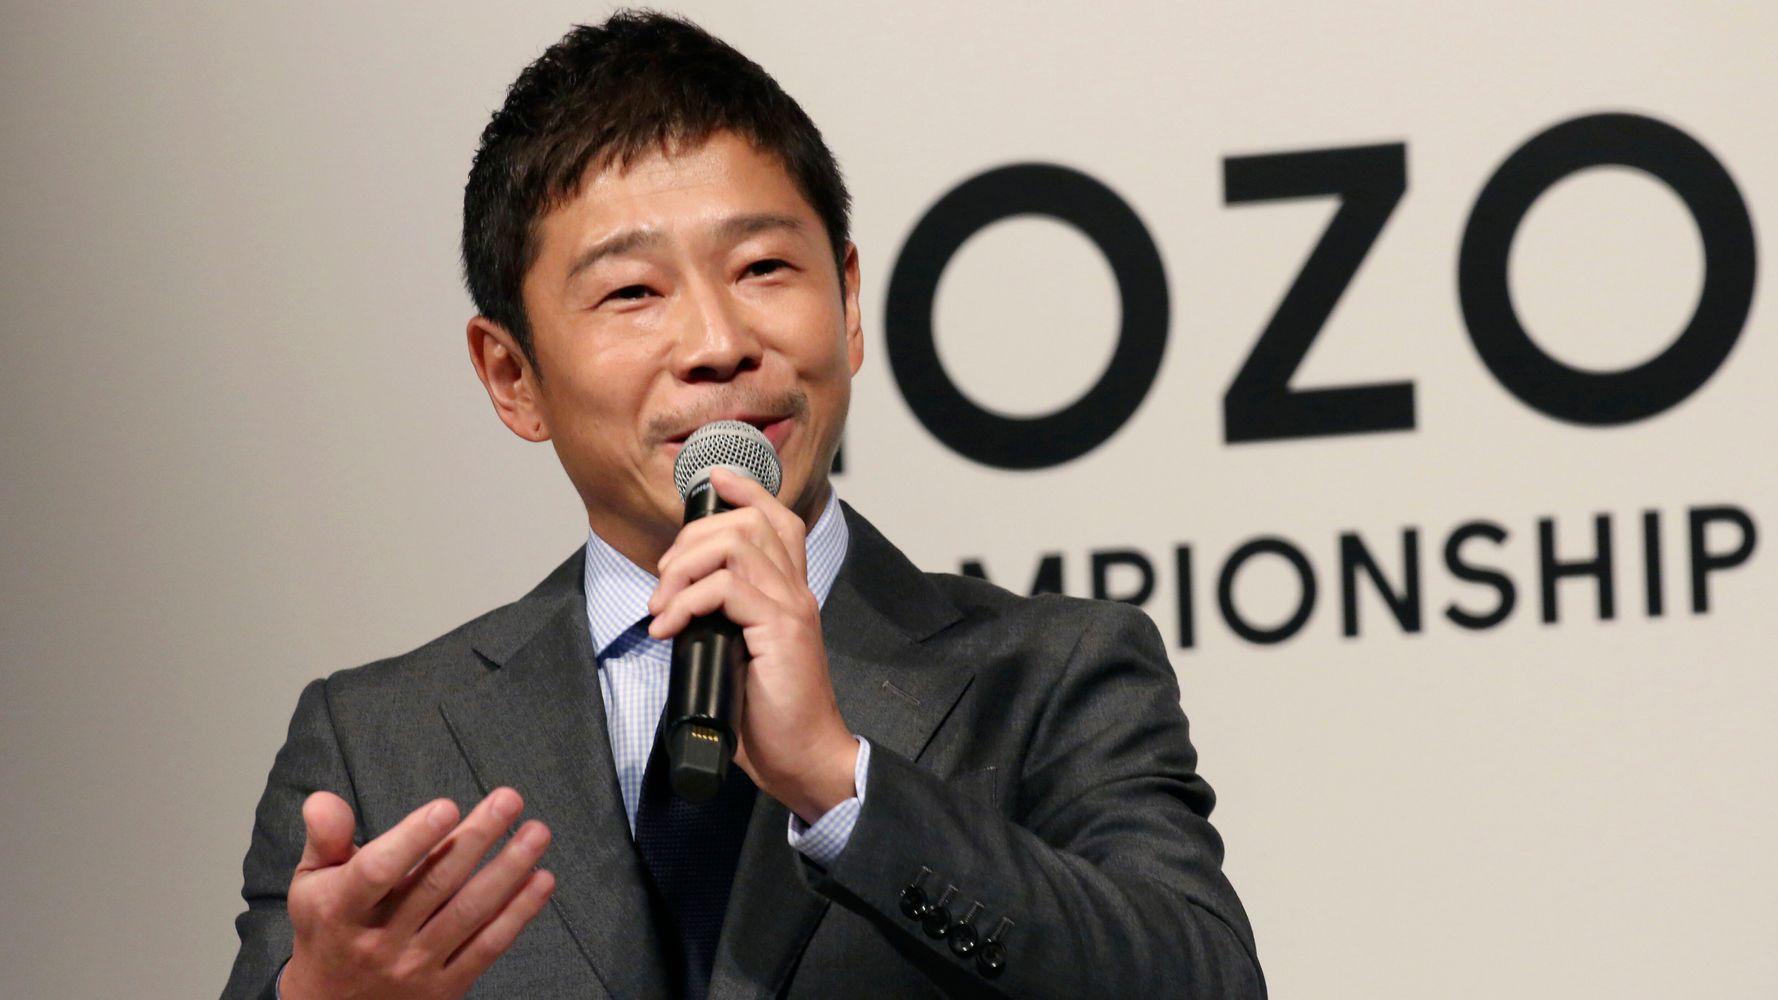 資産 前澤 社長 苦境のZOZO前澤、「日本長者番付」で18位から22位に